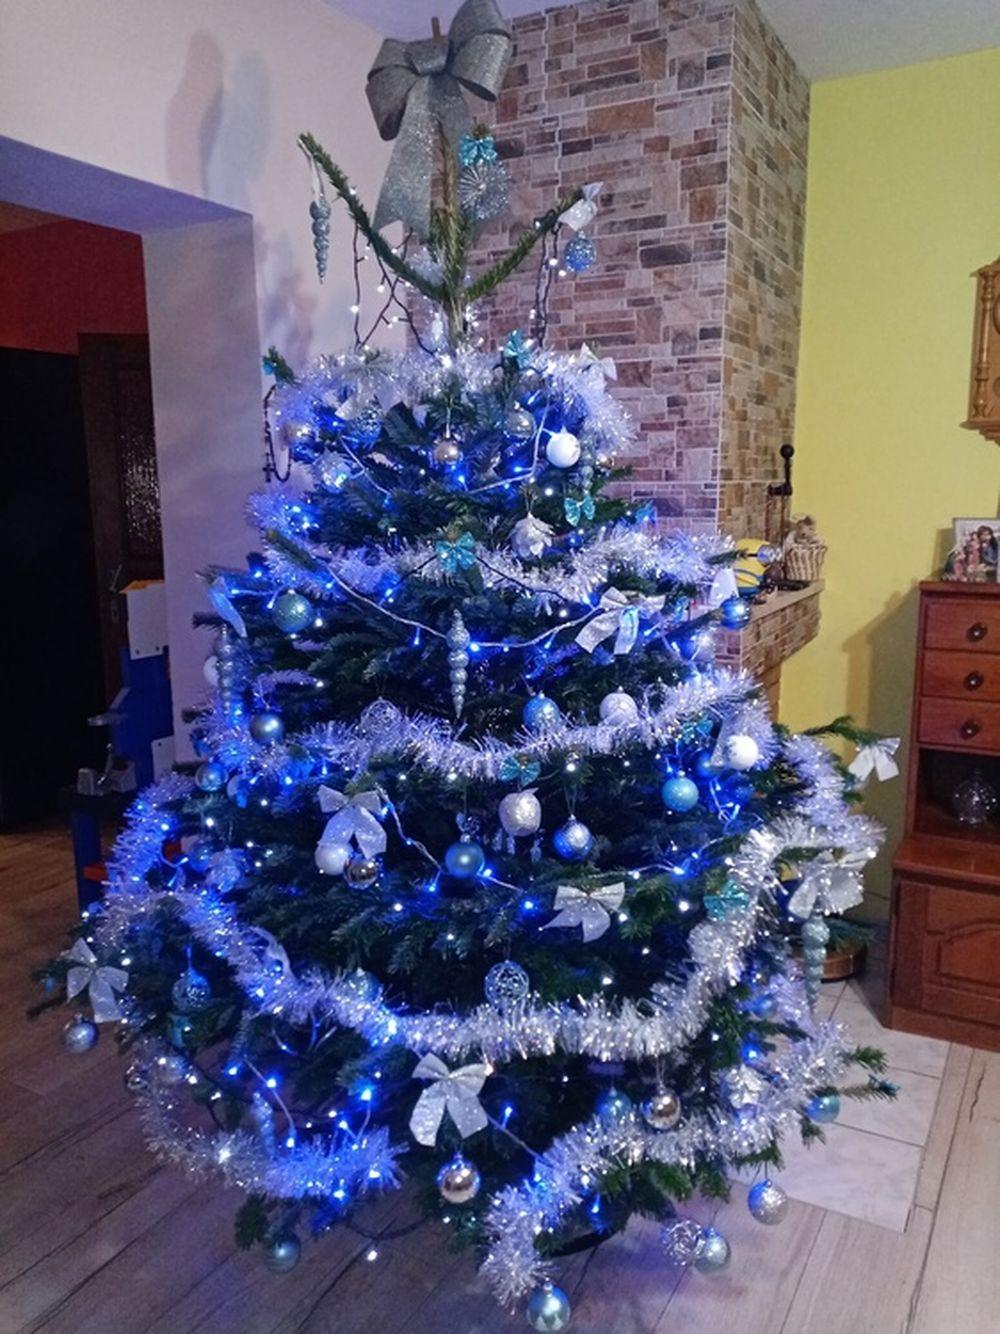 FOTO: Vianočné stromčeky v Žiline - výber fotografií našich čitateľov, foto 54